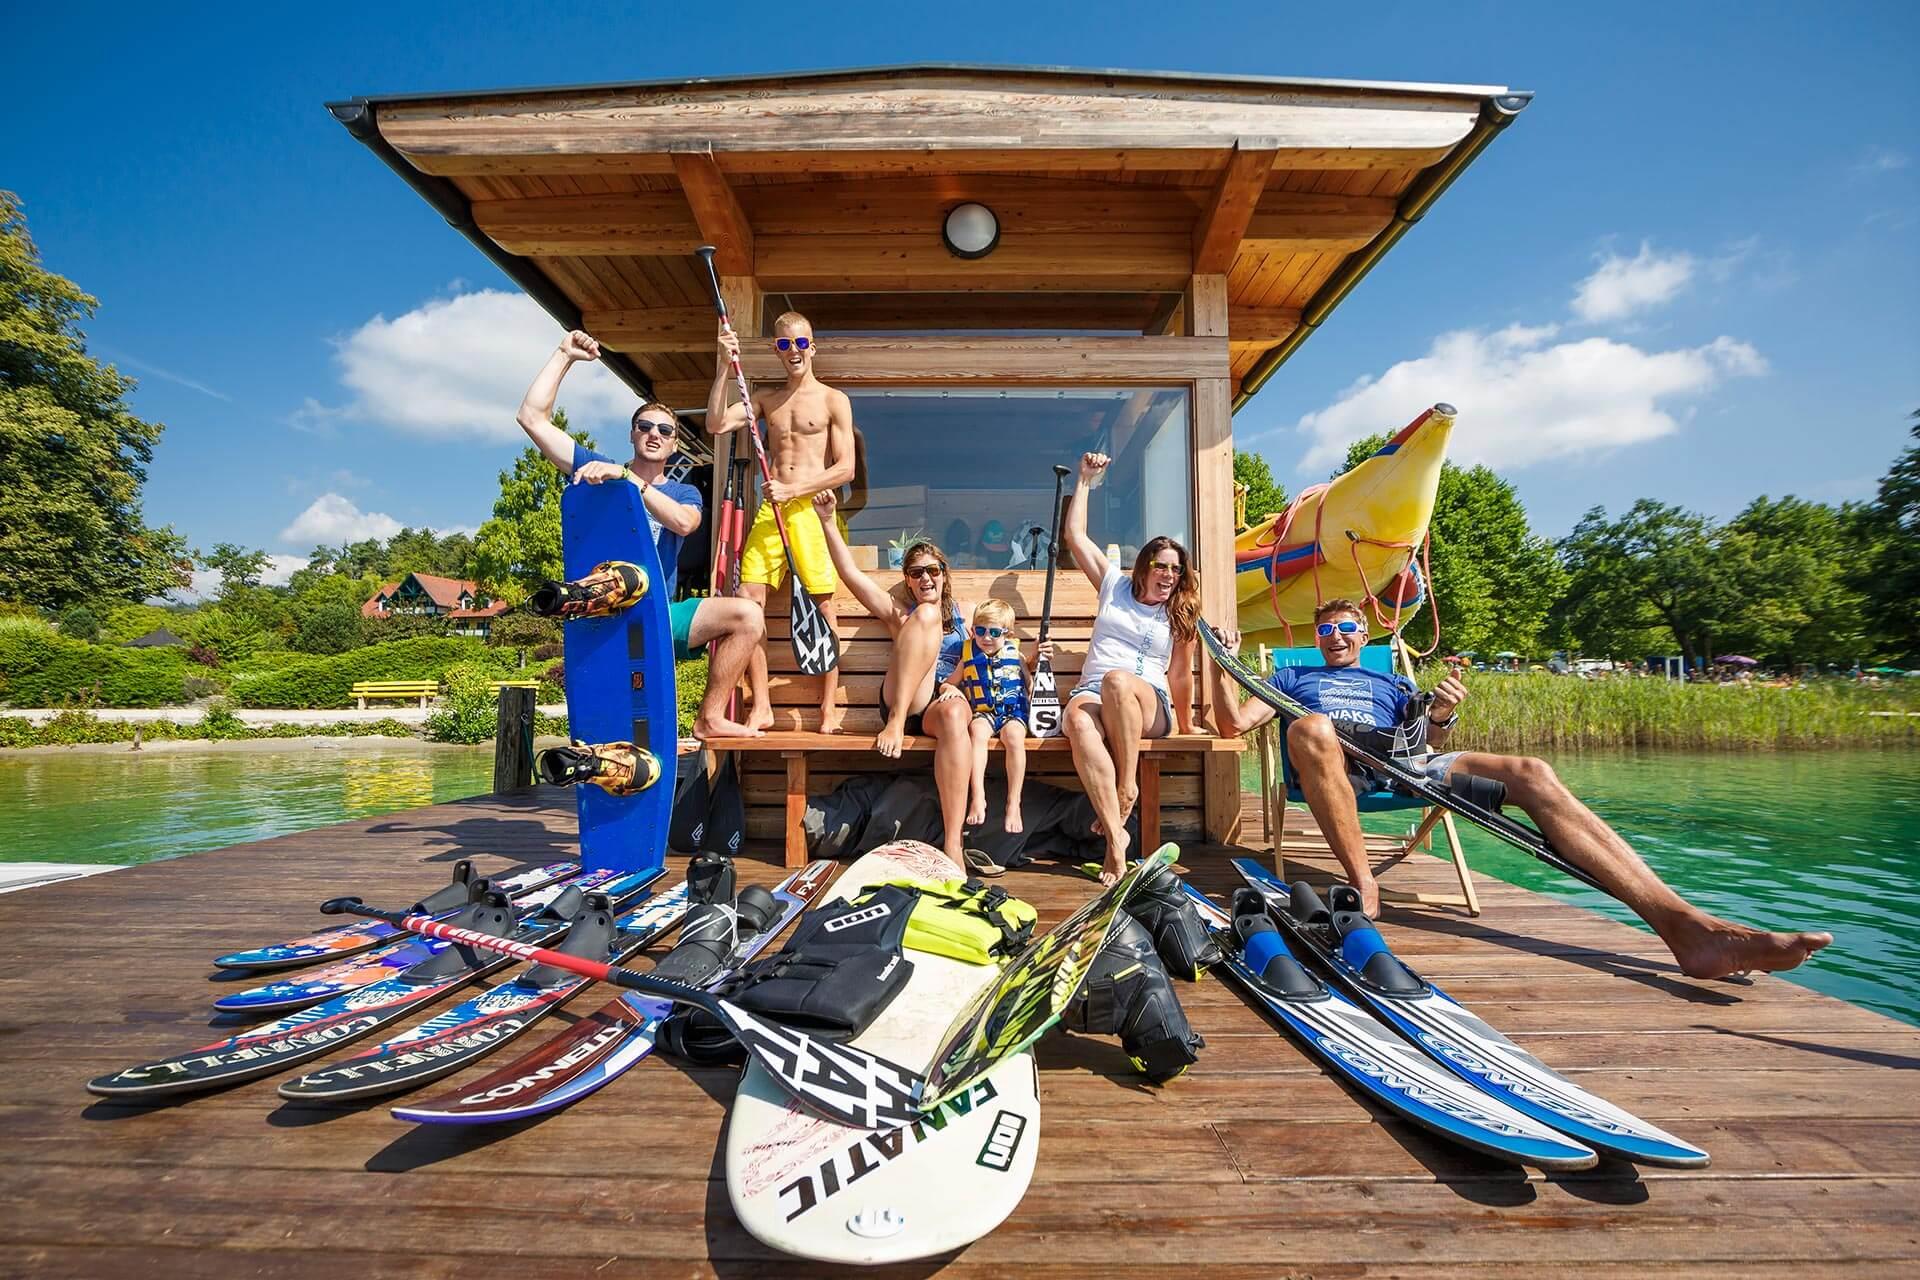 Teamfoto der SEEsport Wörthersee Crew